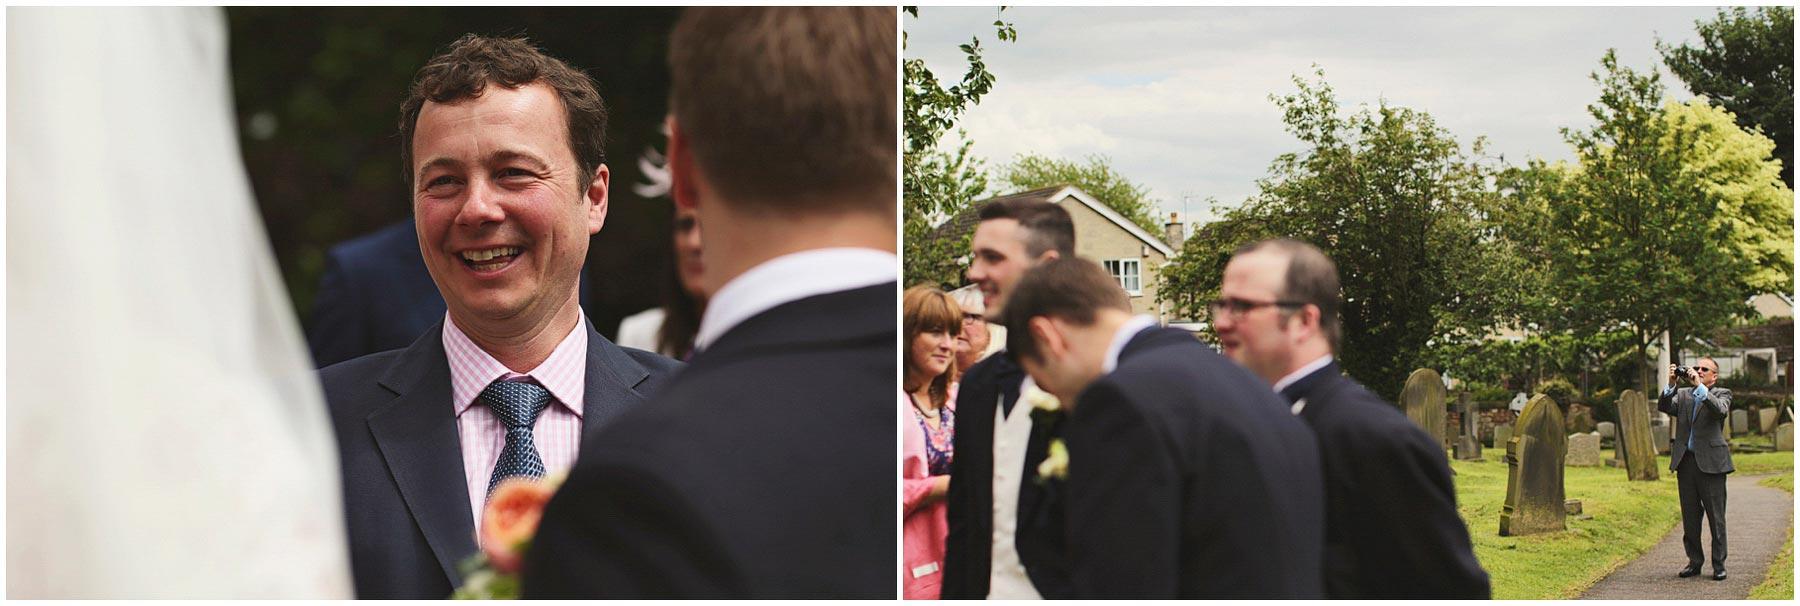 Wentbridge-House-Wedding-Photography-87